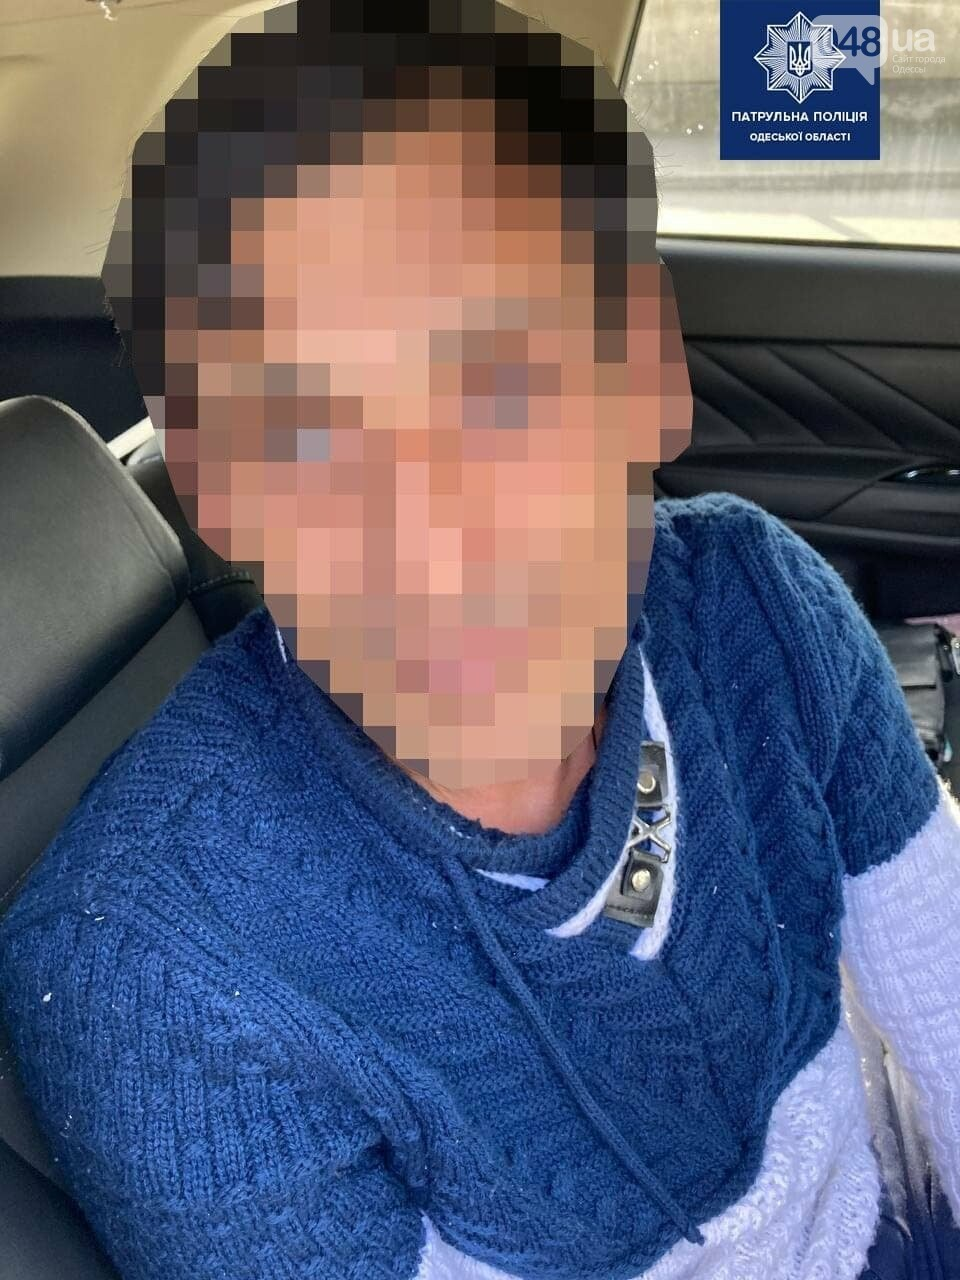 В Одесской области двое мужчин средь бела дня похитили девушку, угрожая ей ножом, - ФОТО, фото-1